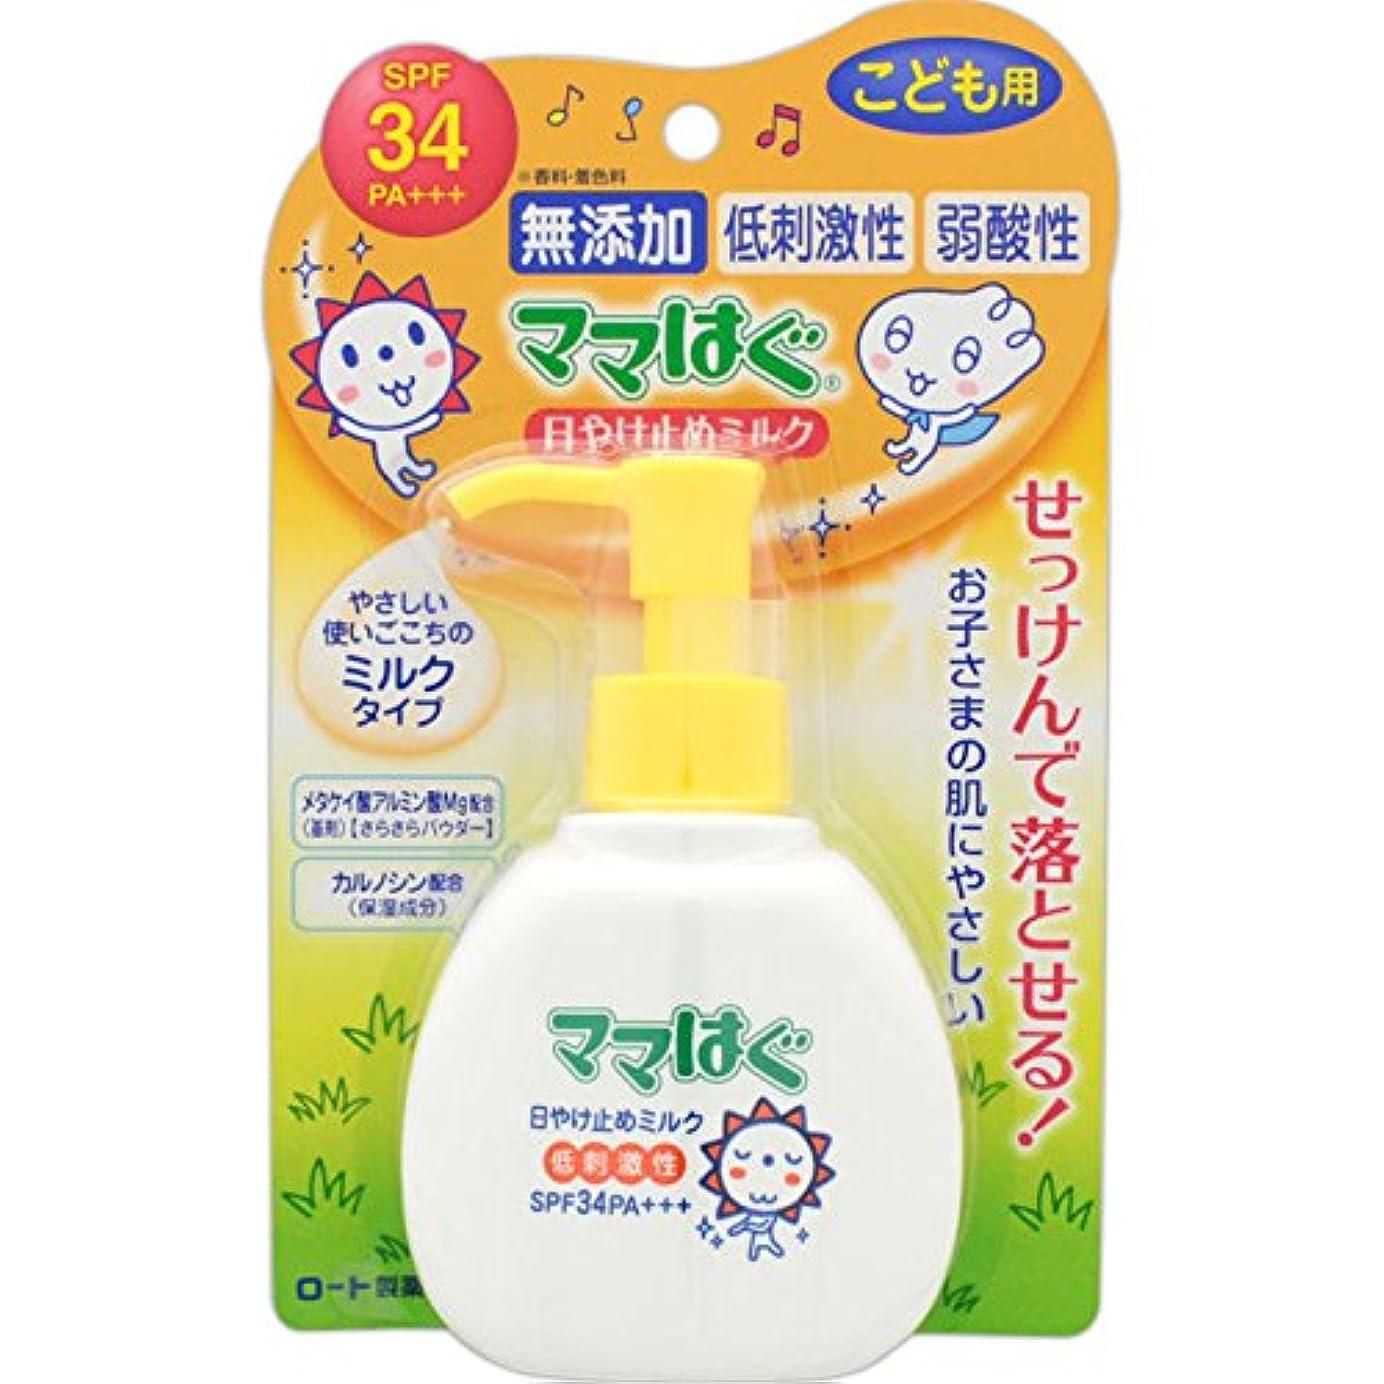 バンガローとんでもない困惑するロート製薬 ママはぐ 無添加 低刺激性日やけ止めミルク SPF34 PA+++ 100g